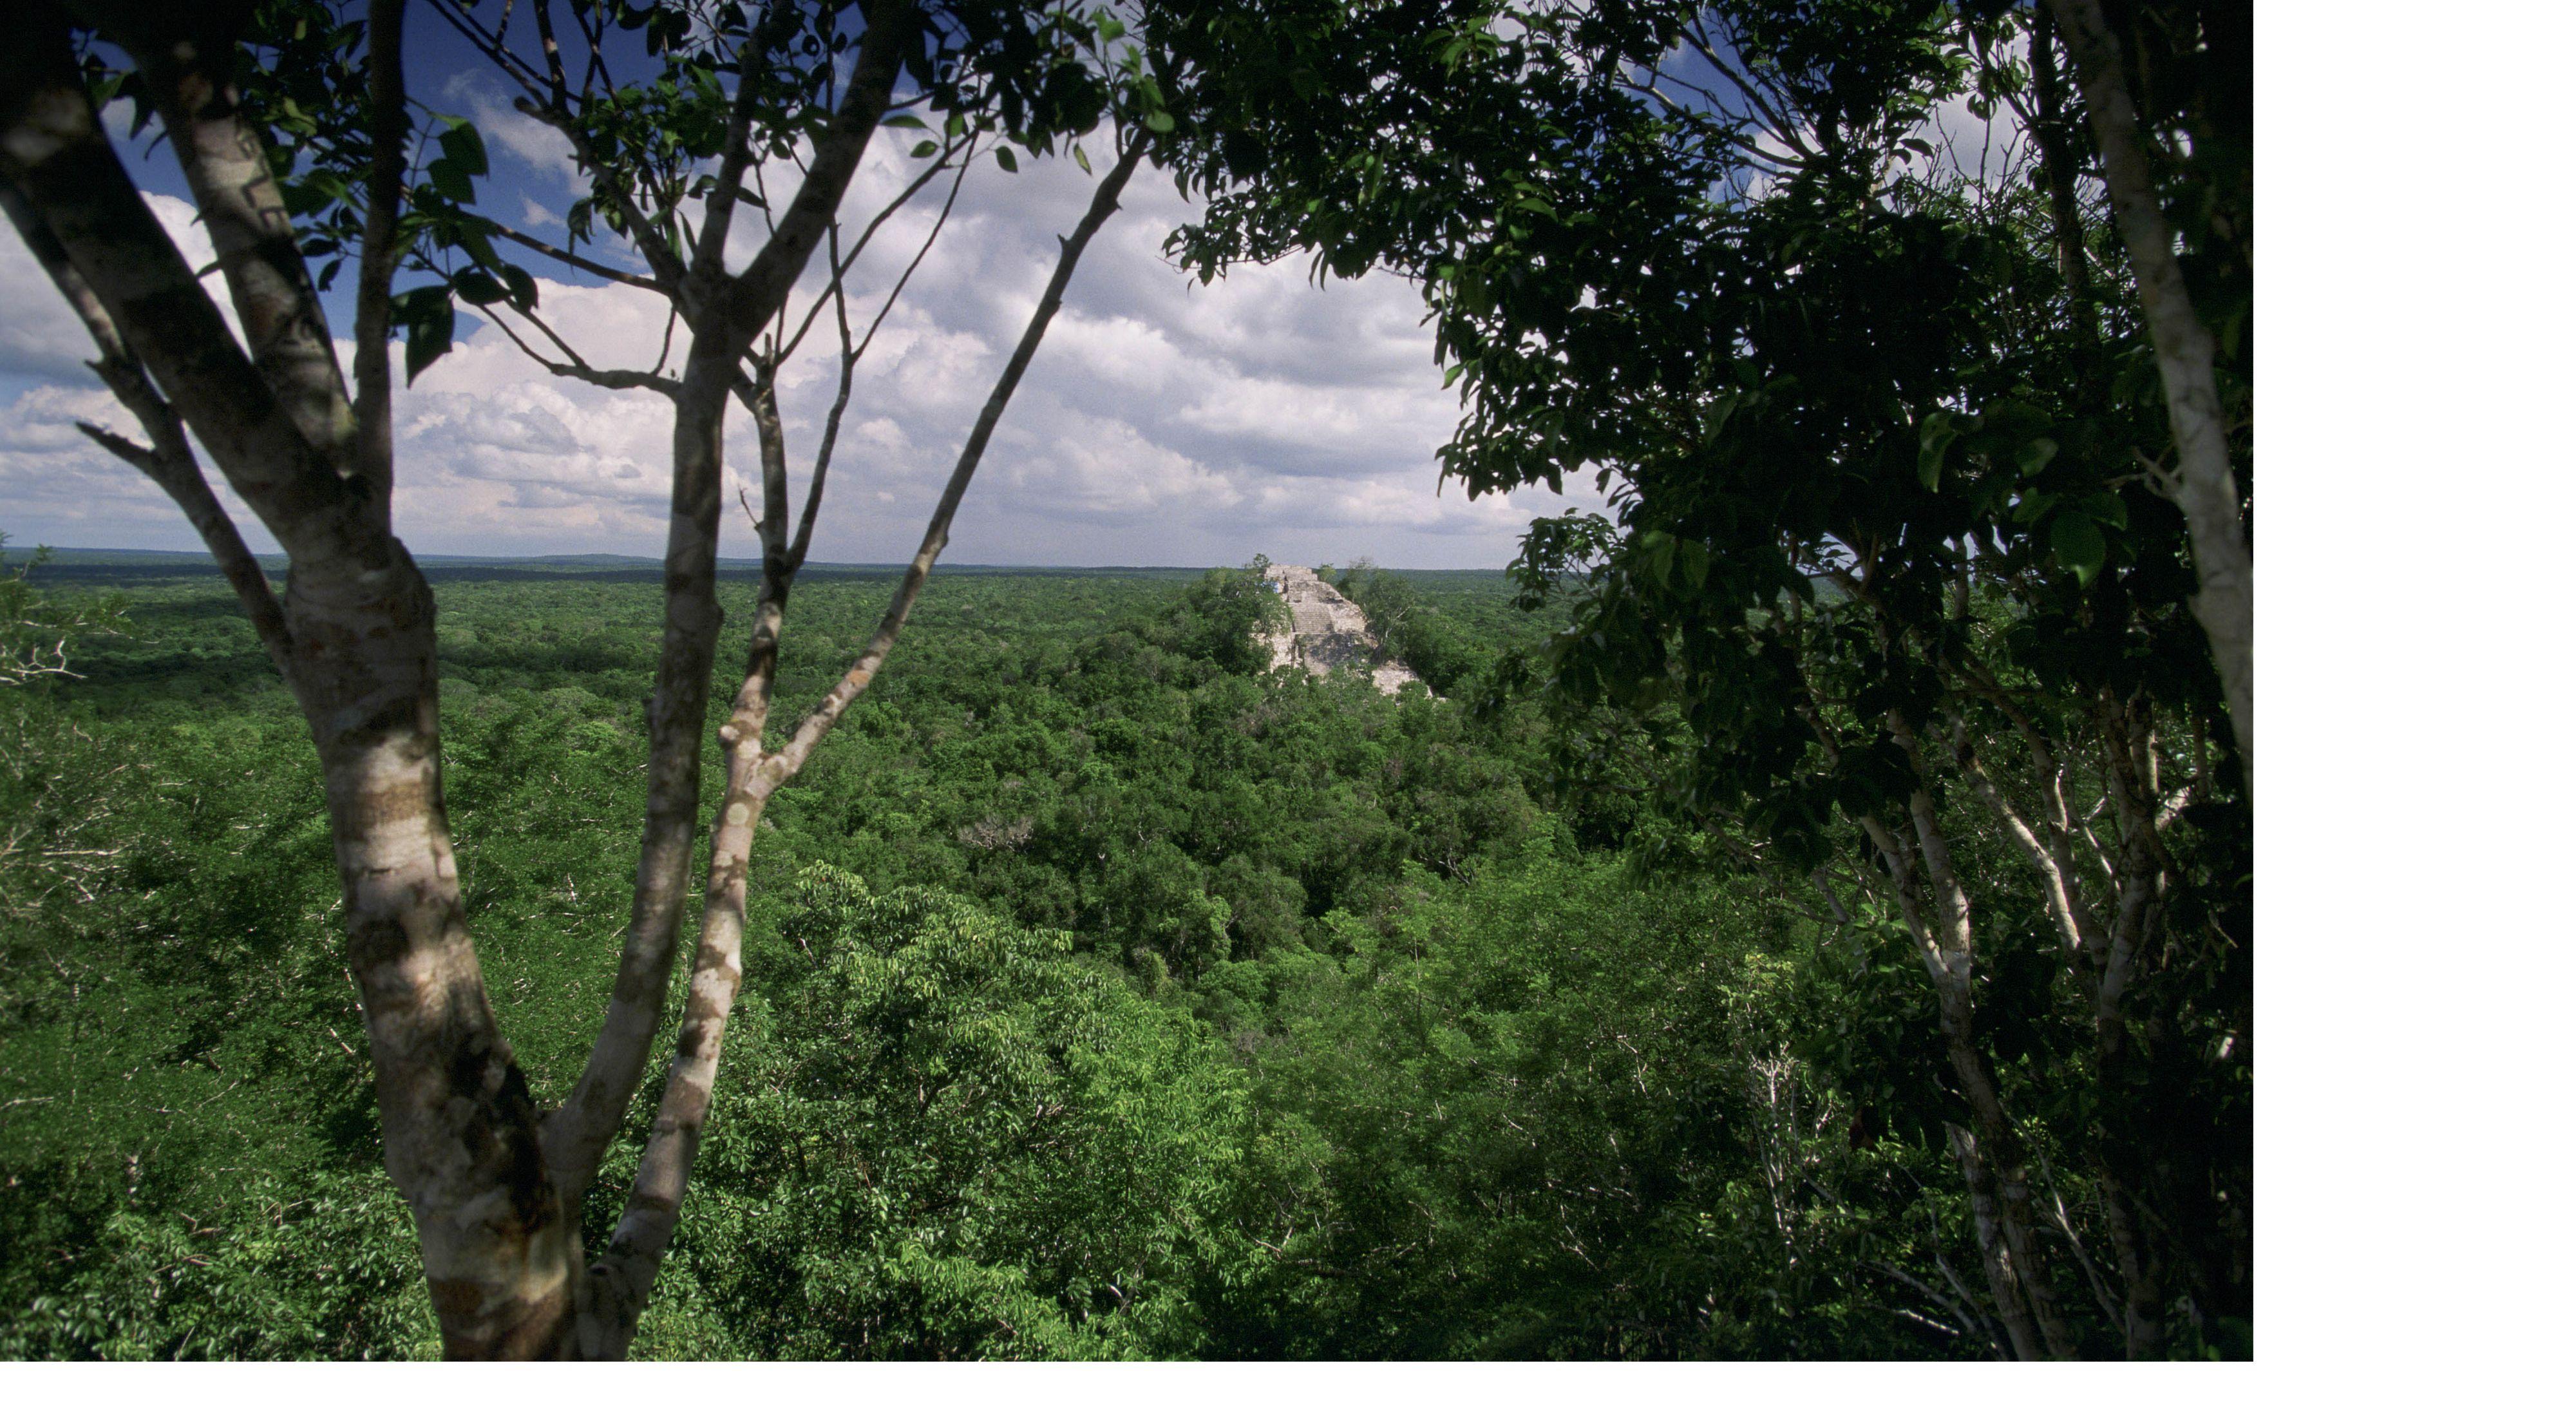 El denso bosque tropical de tierras bajas rodea el antiguo sitio Maya, Calakmul, ubicado en la Reserva de la Biosfera Calakmul (Reserva de la Biosfera Calakmul).